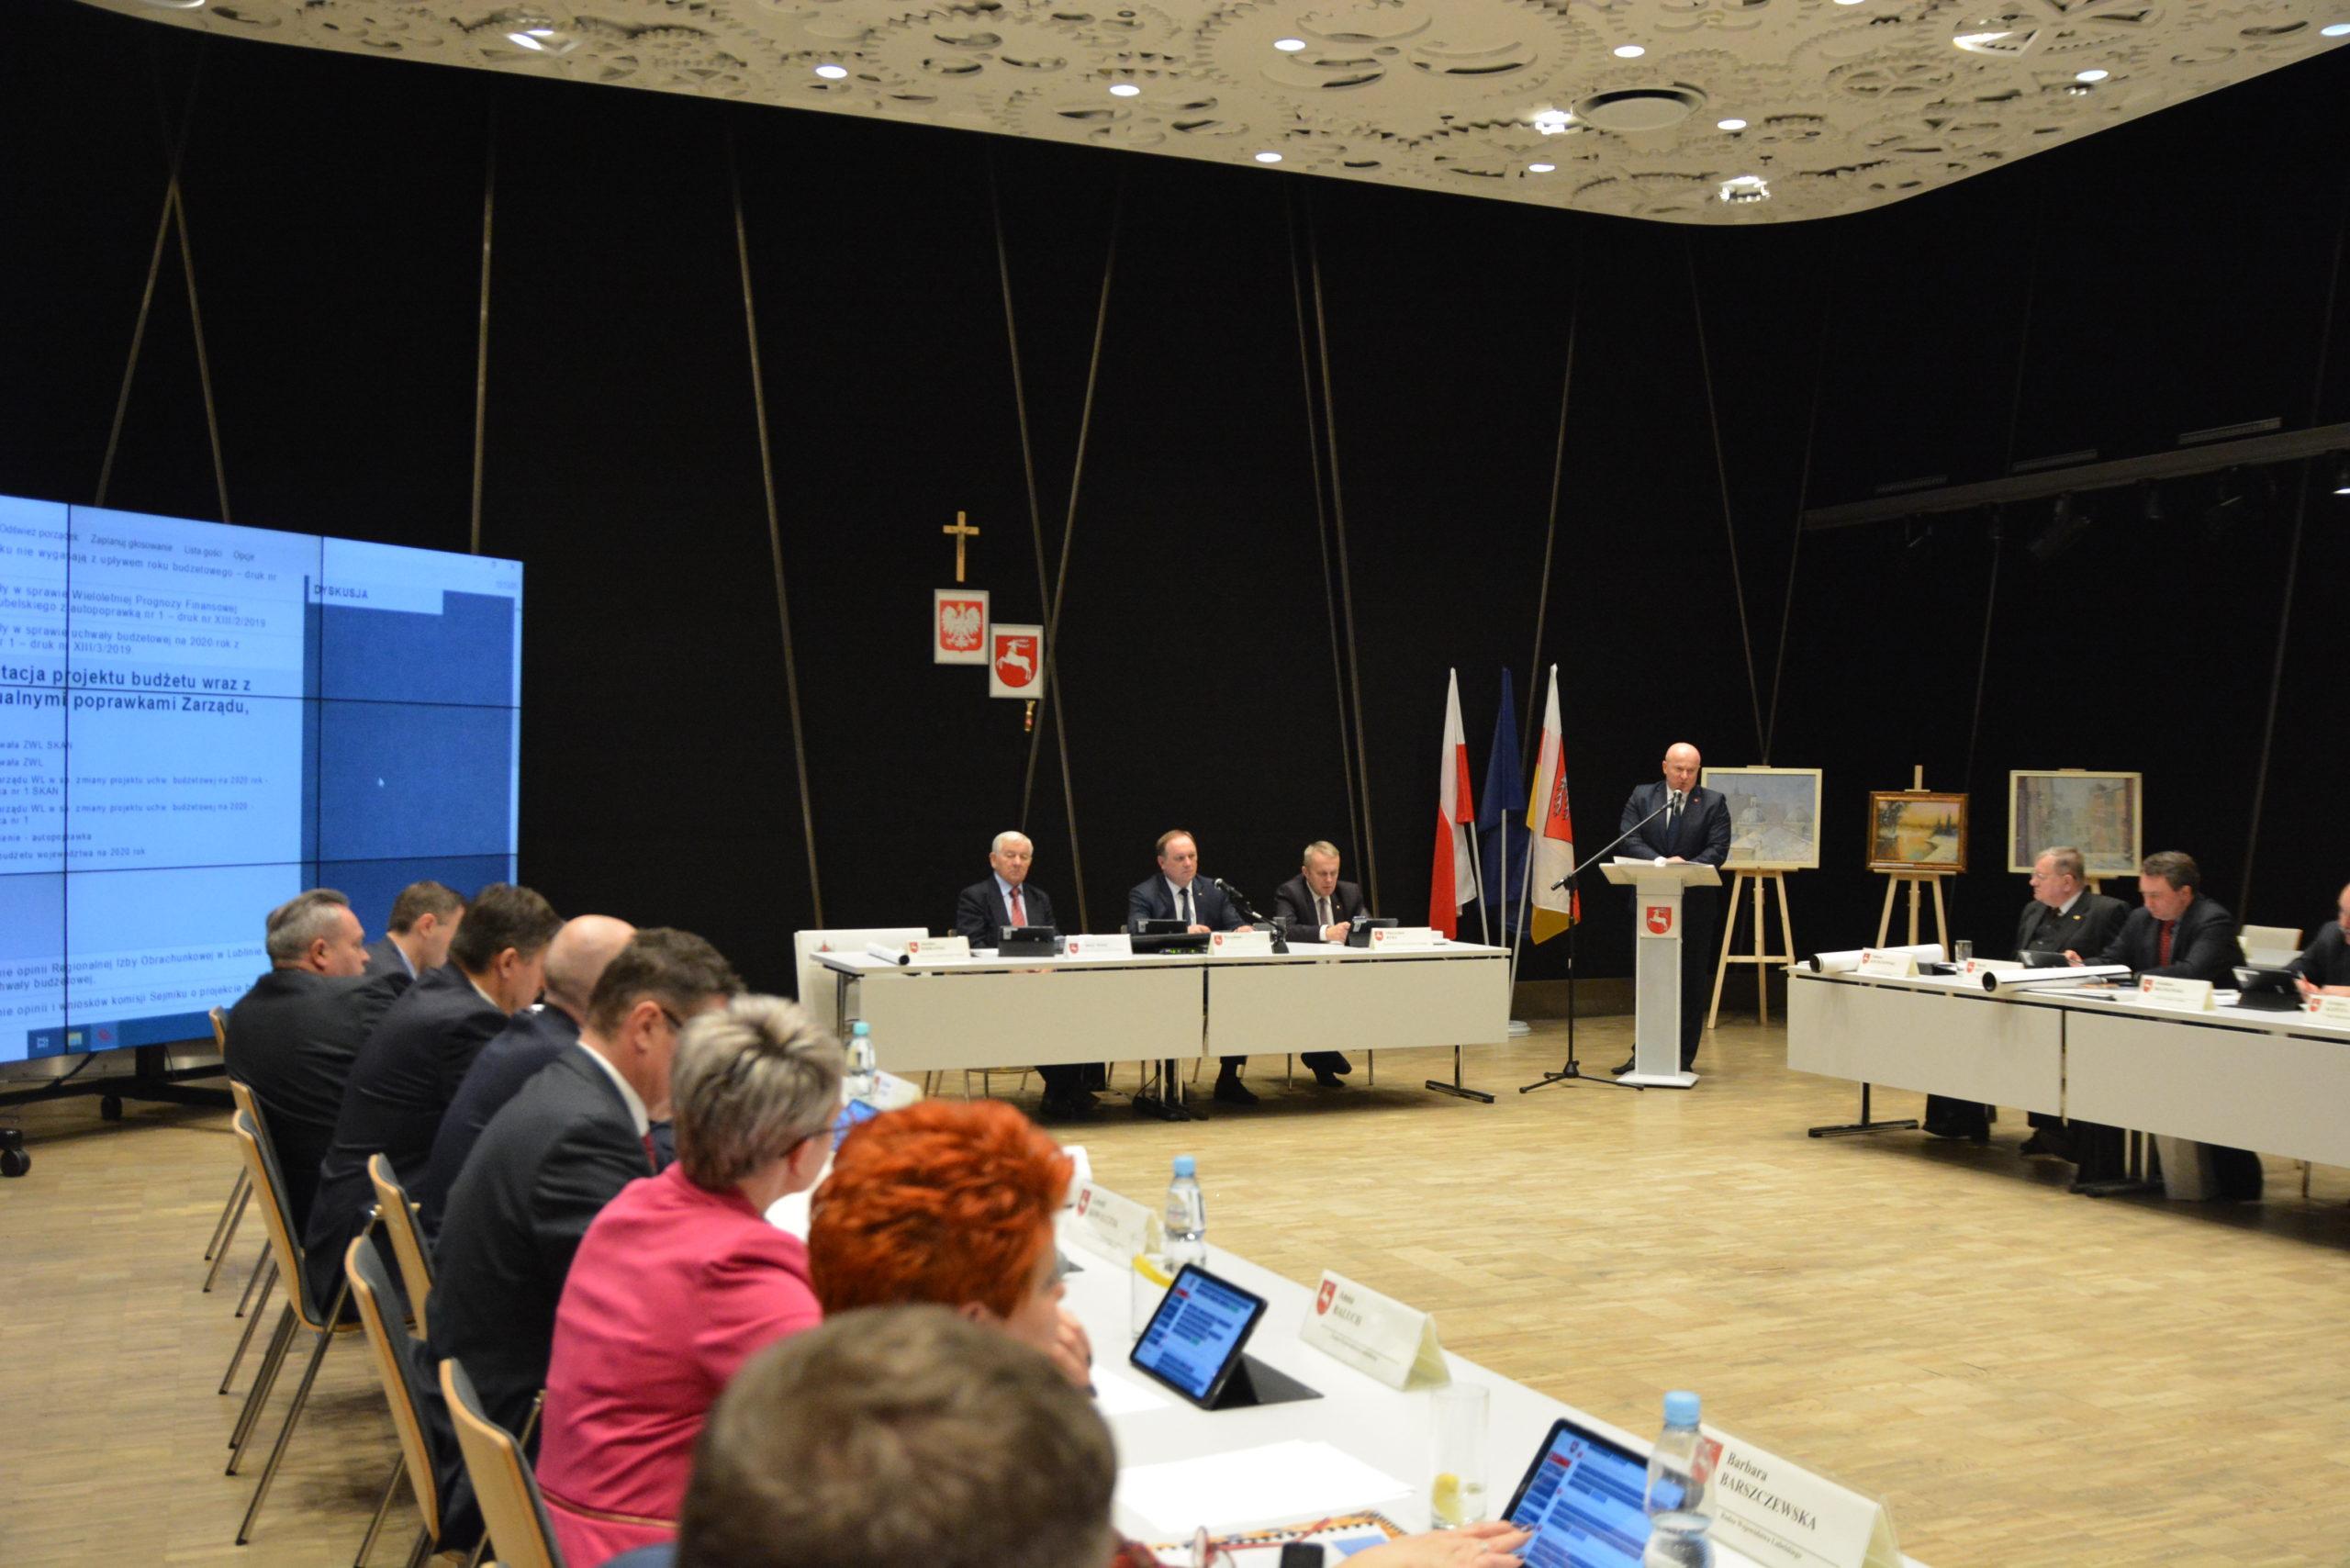 dsc 4082 scaled 1 Radni Sejmiku Województwa Lubelskiego przyjęli budżet na 2020 rok